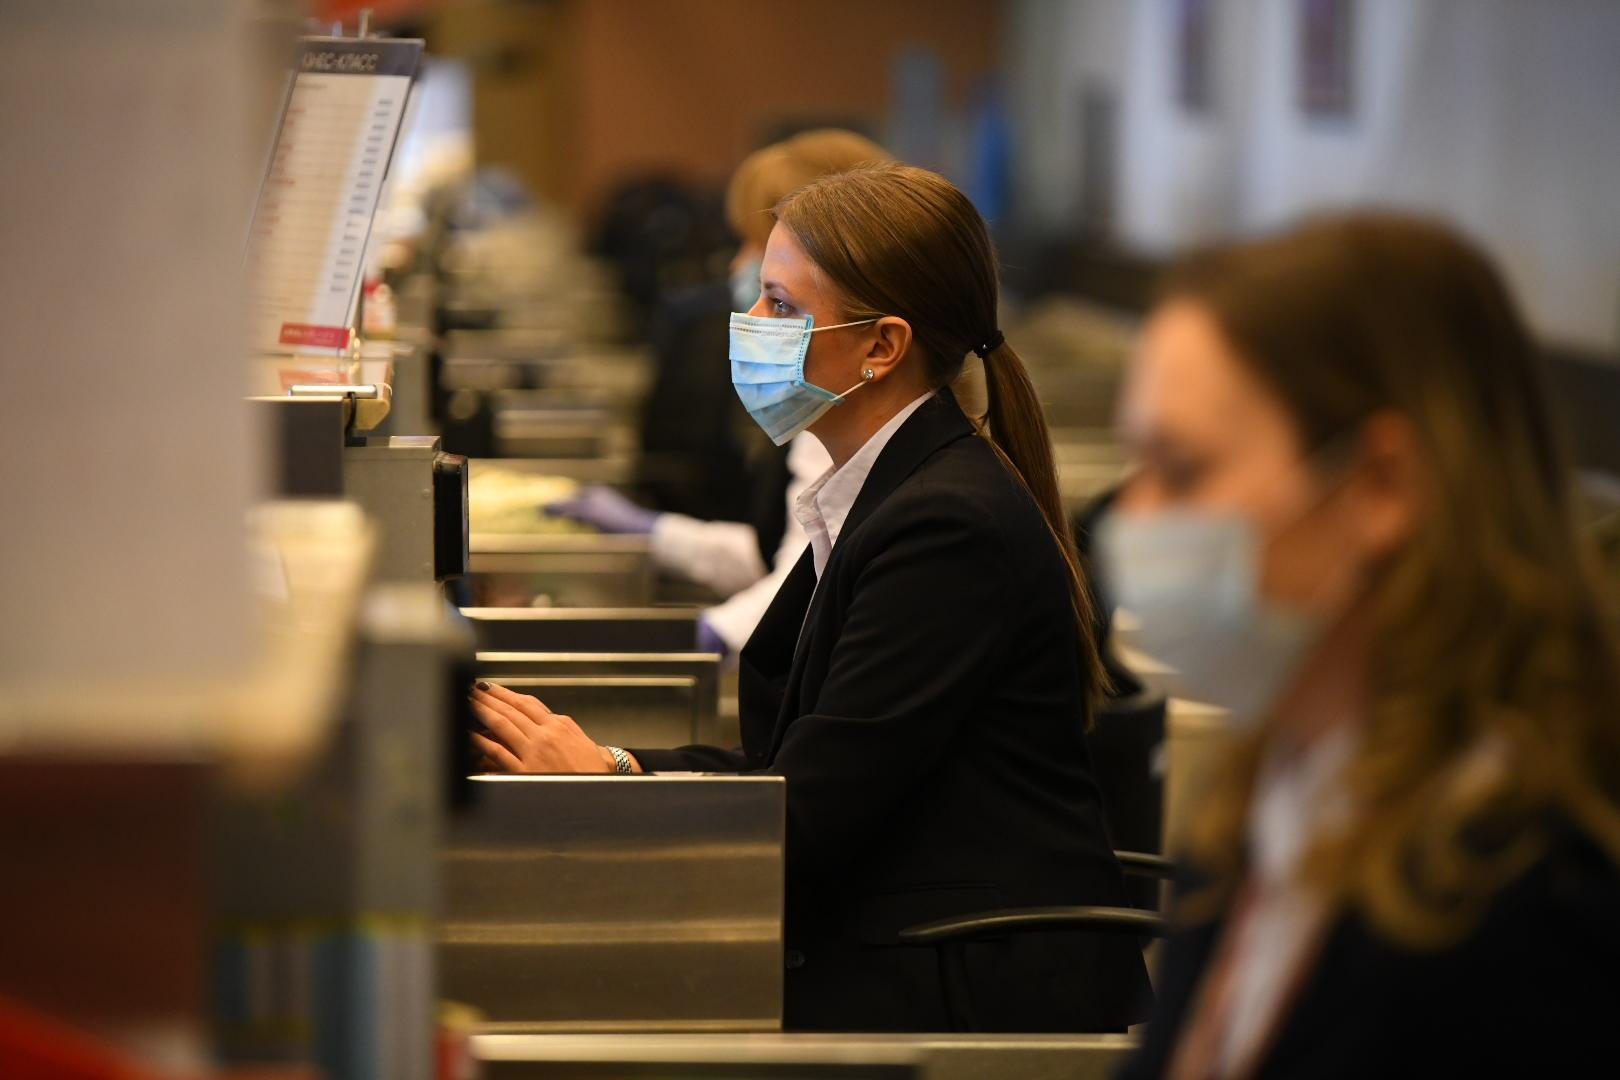 Создание нового рынка труда: готова ли Европа к очередной вспышке пандемии